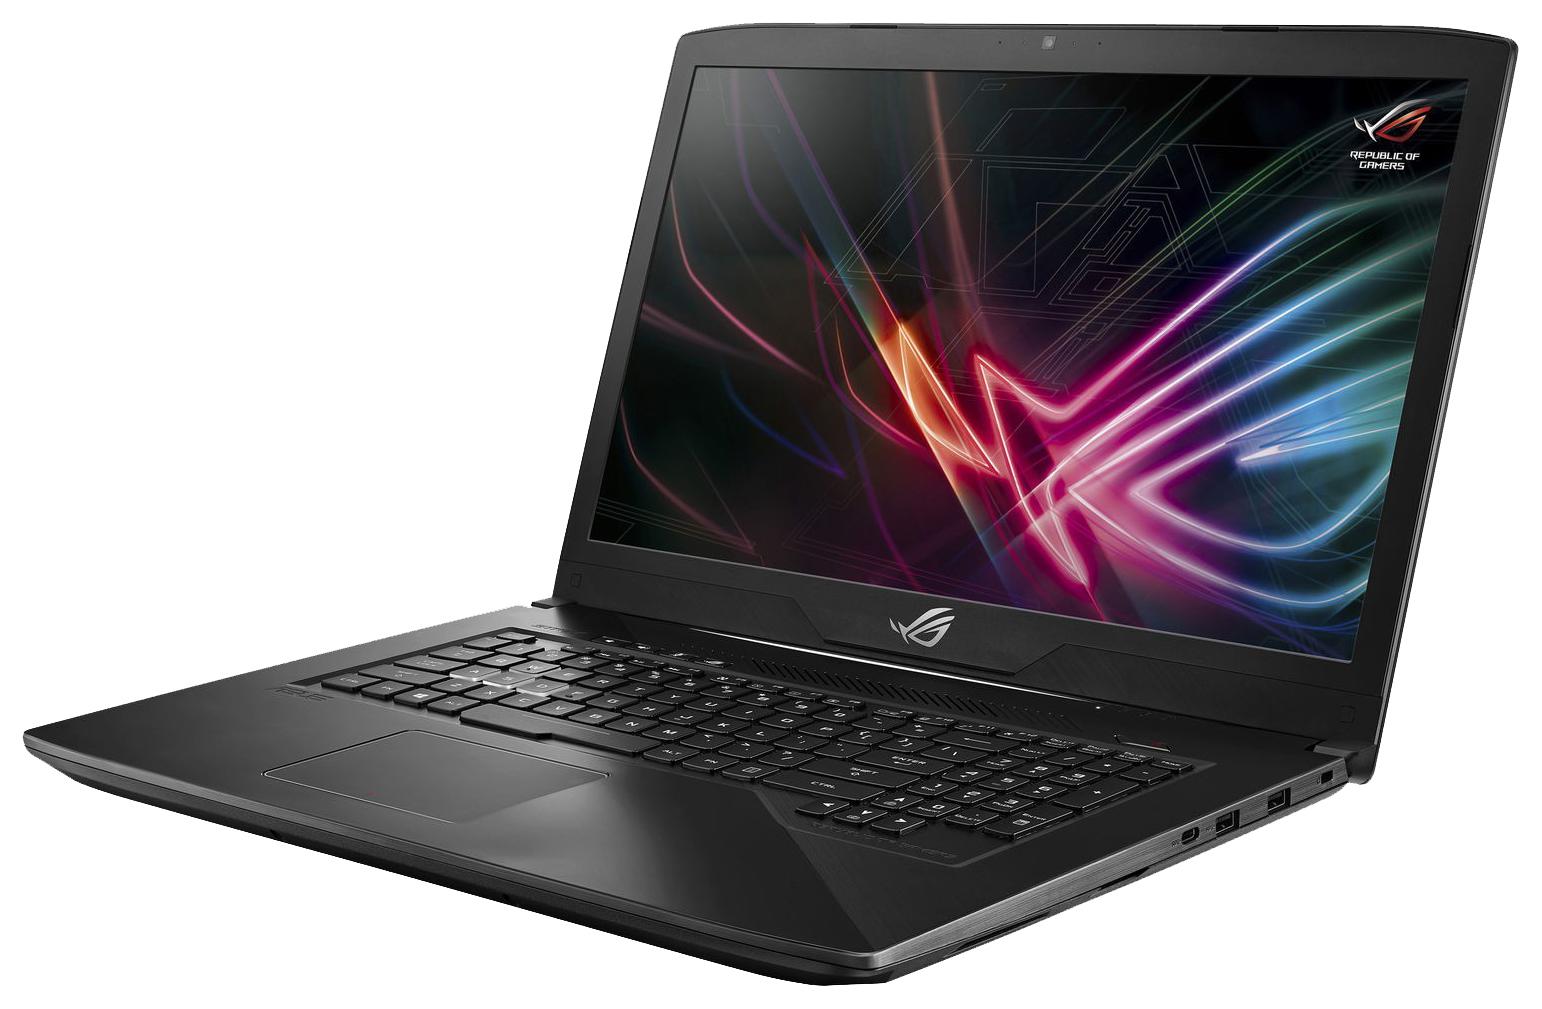 Ноутбук игровой ASUS GL703VD-GC046 90NB0GM2-M03300